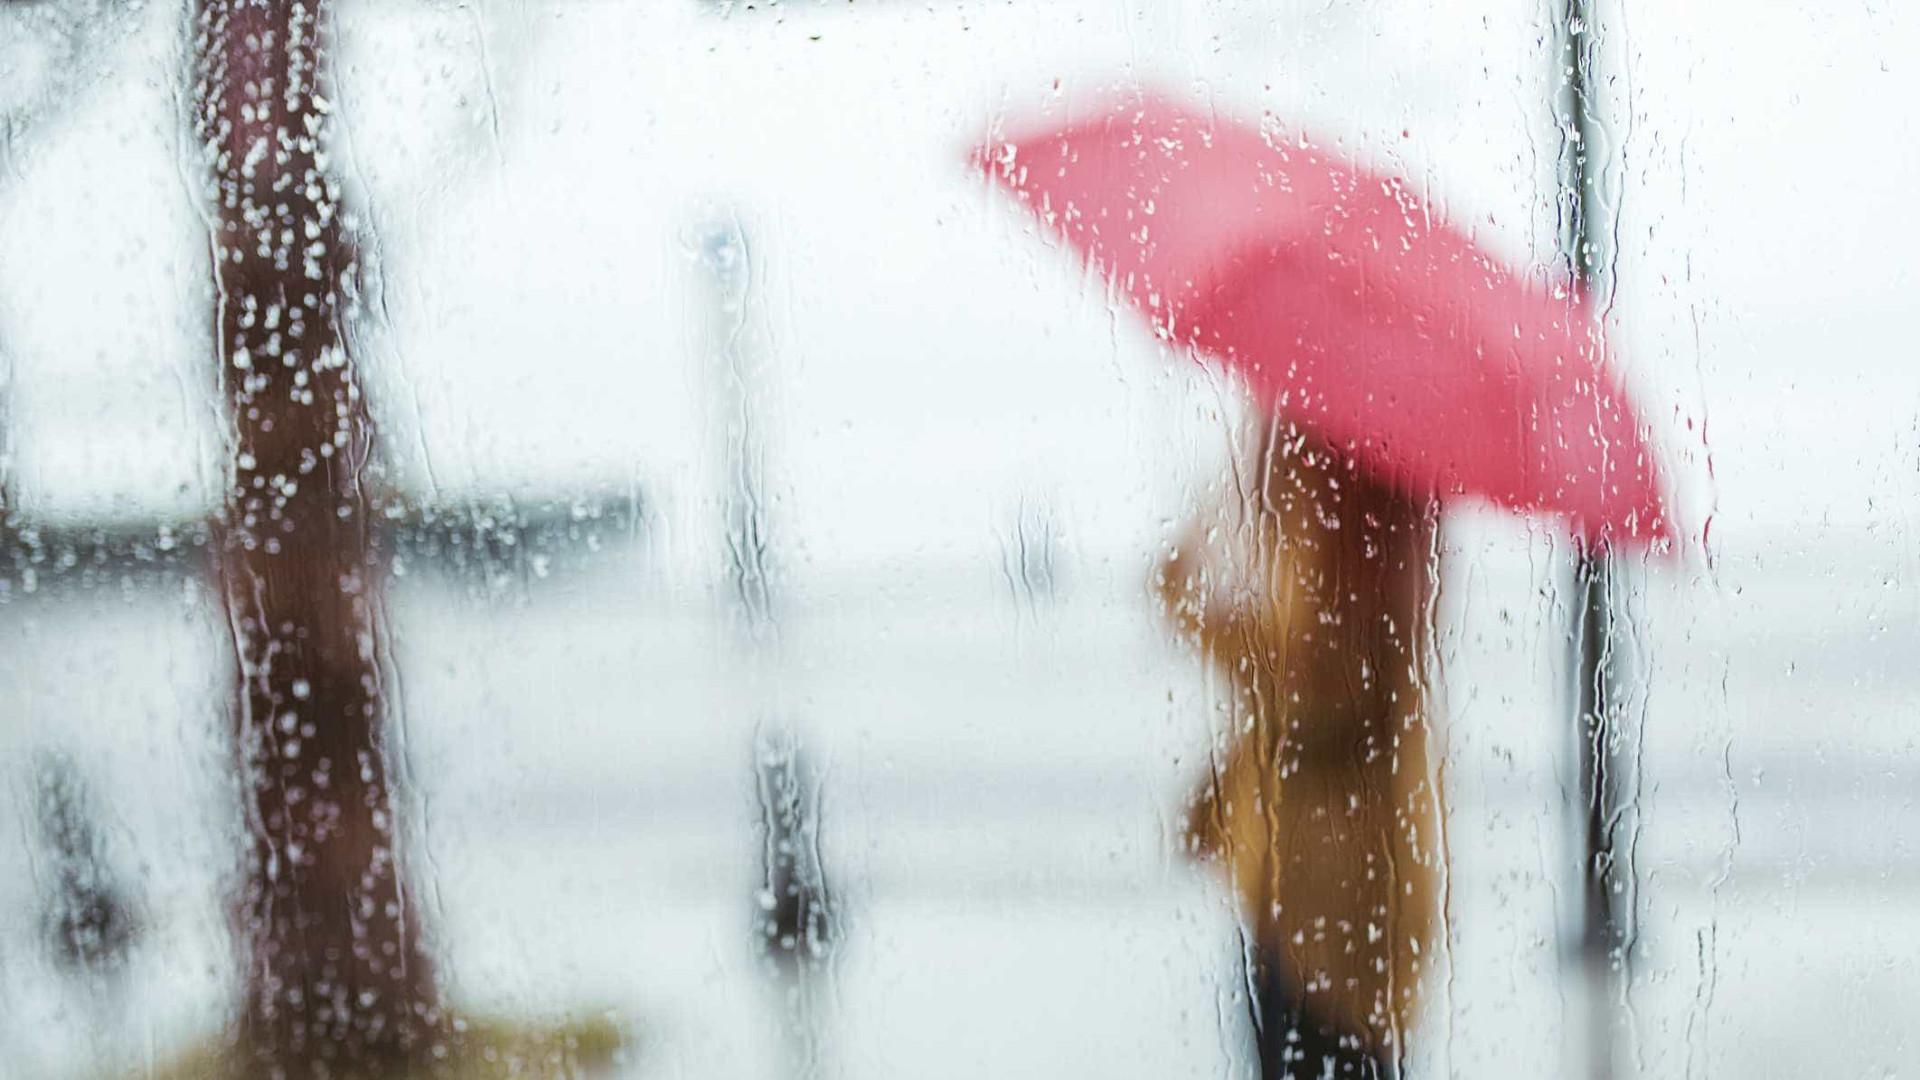 Depois do frio de bater o dente, eis que chega a chuva (e até a neve)